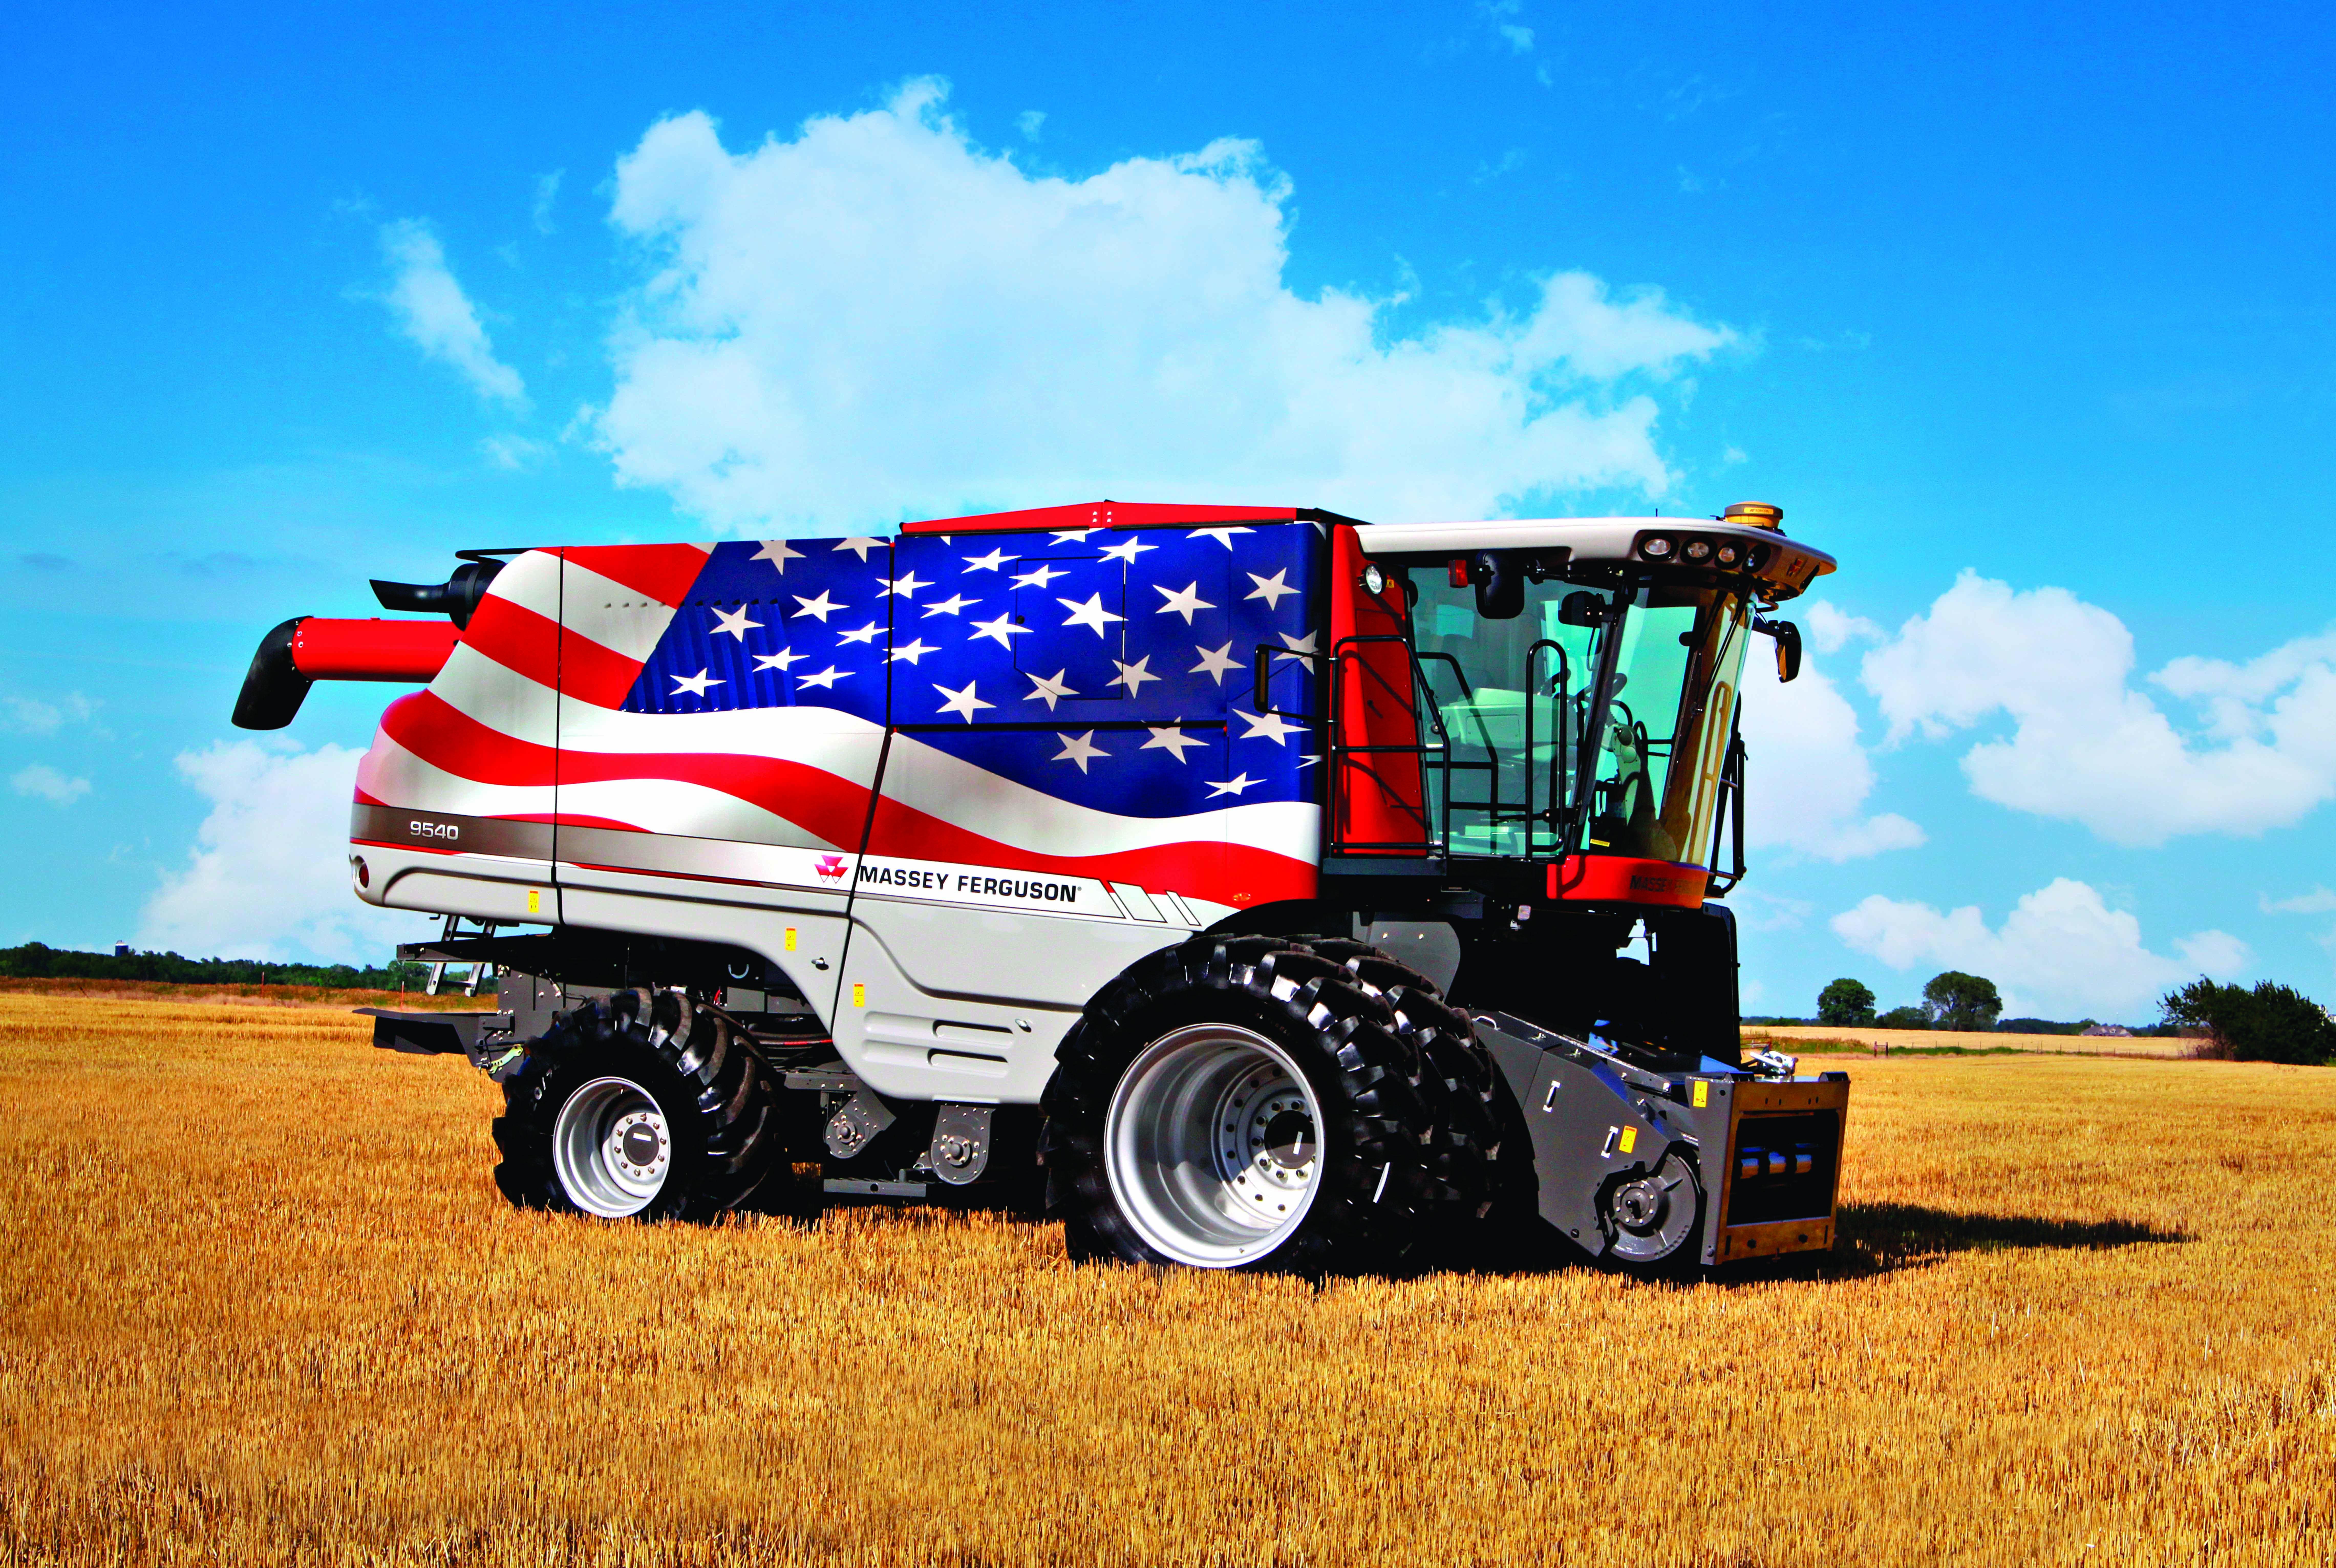 case study of massey fergusion Les tracteurs massey ferguson sont synonymes de performance, confort et qualité à toute épreuve fiables et performants, les moteurs de dernière technologie fonctionnent avec des transmissions sophistiquées, mais conviviales.